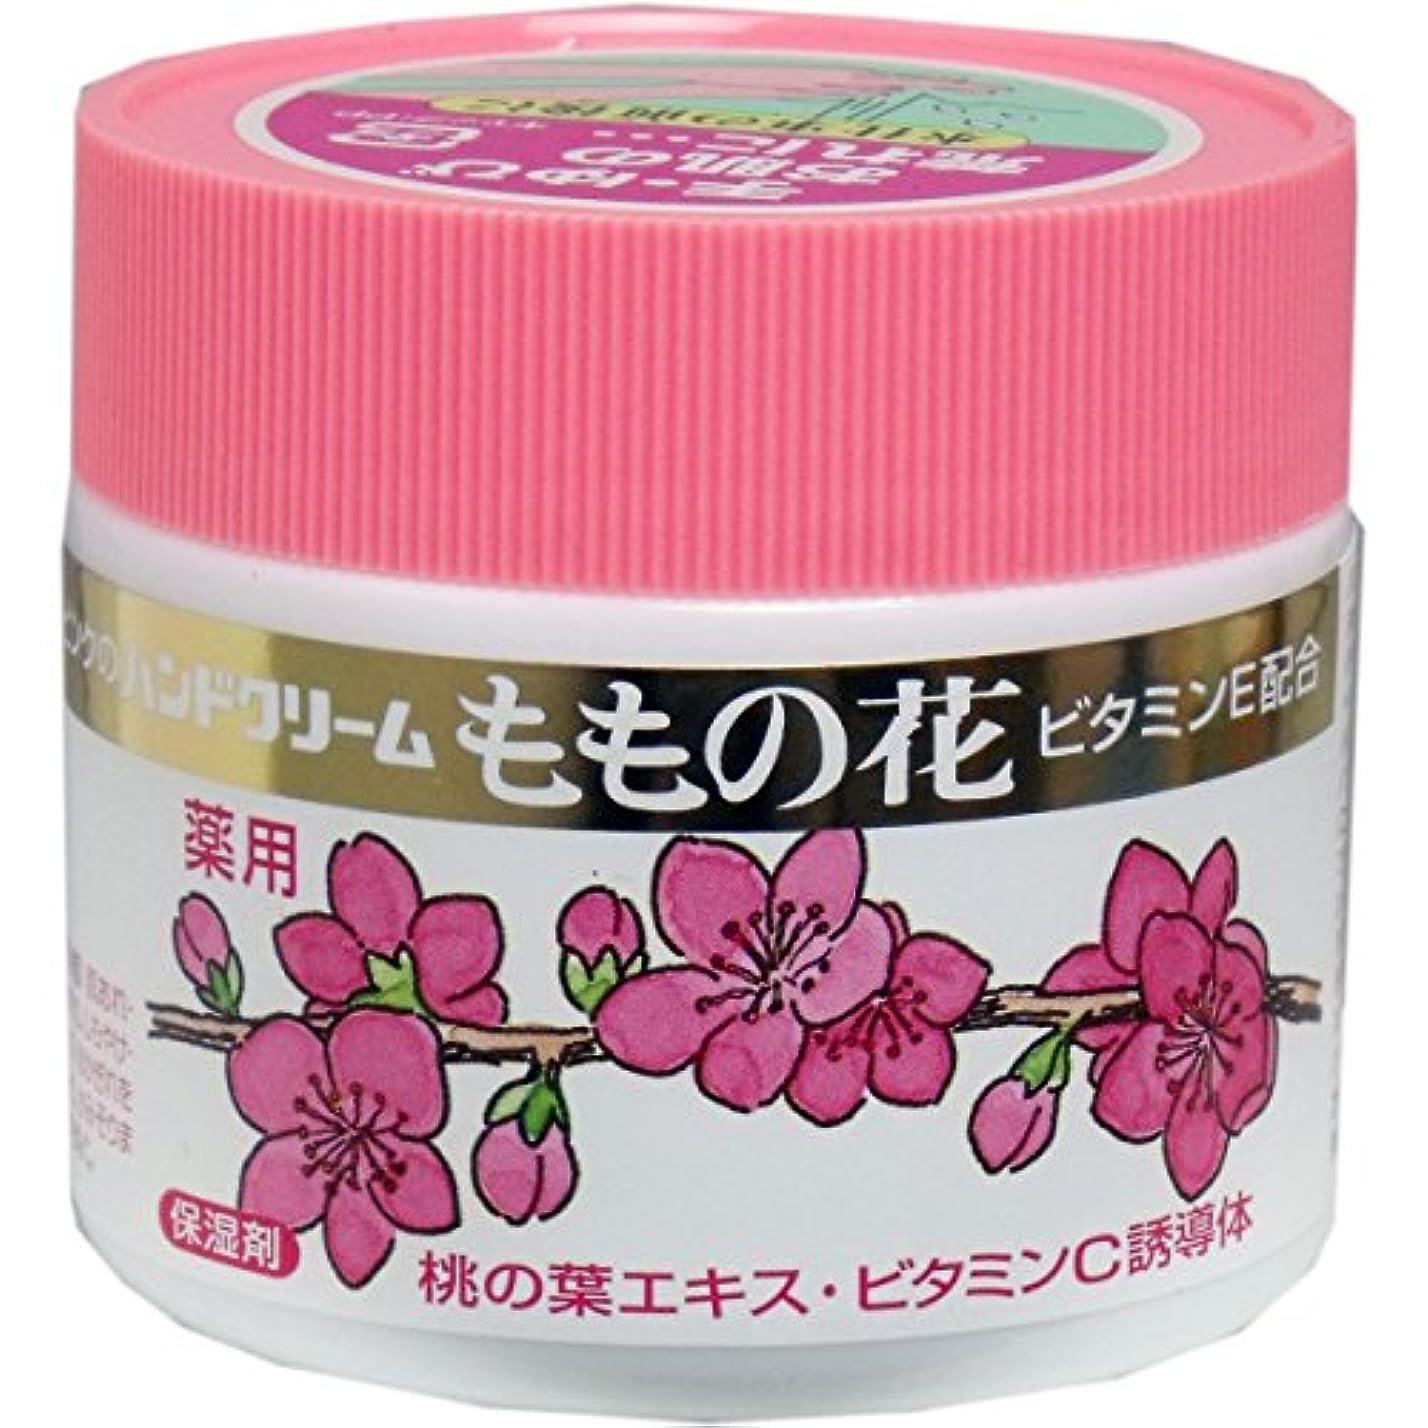 敬意を表する統治するパケットオリヂナル 薬用ハンドクリーム ももの花